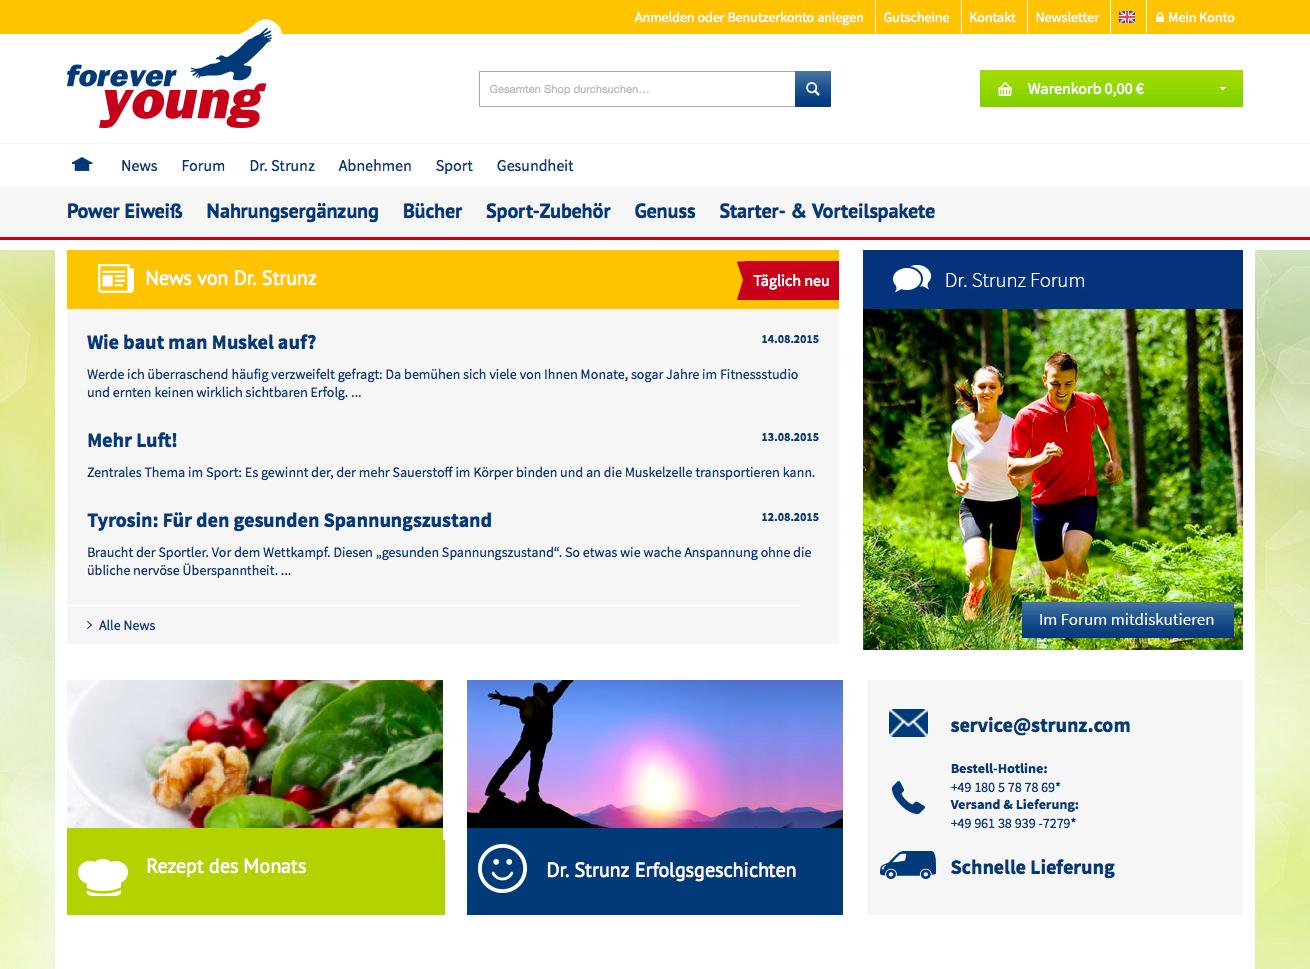 forever young - strunz.com Gutschein